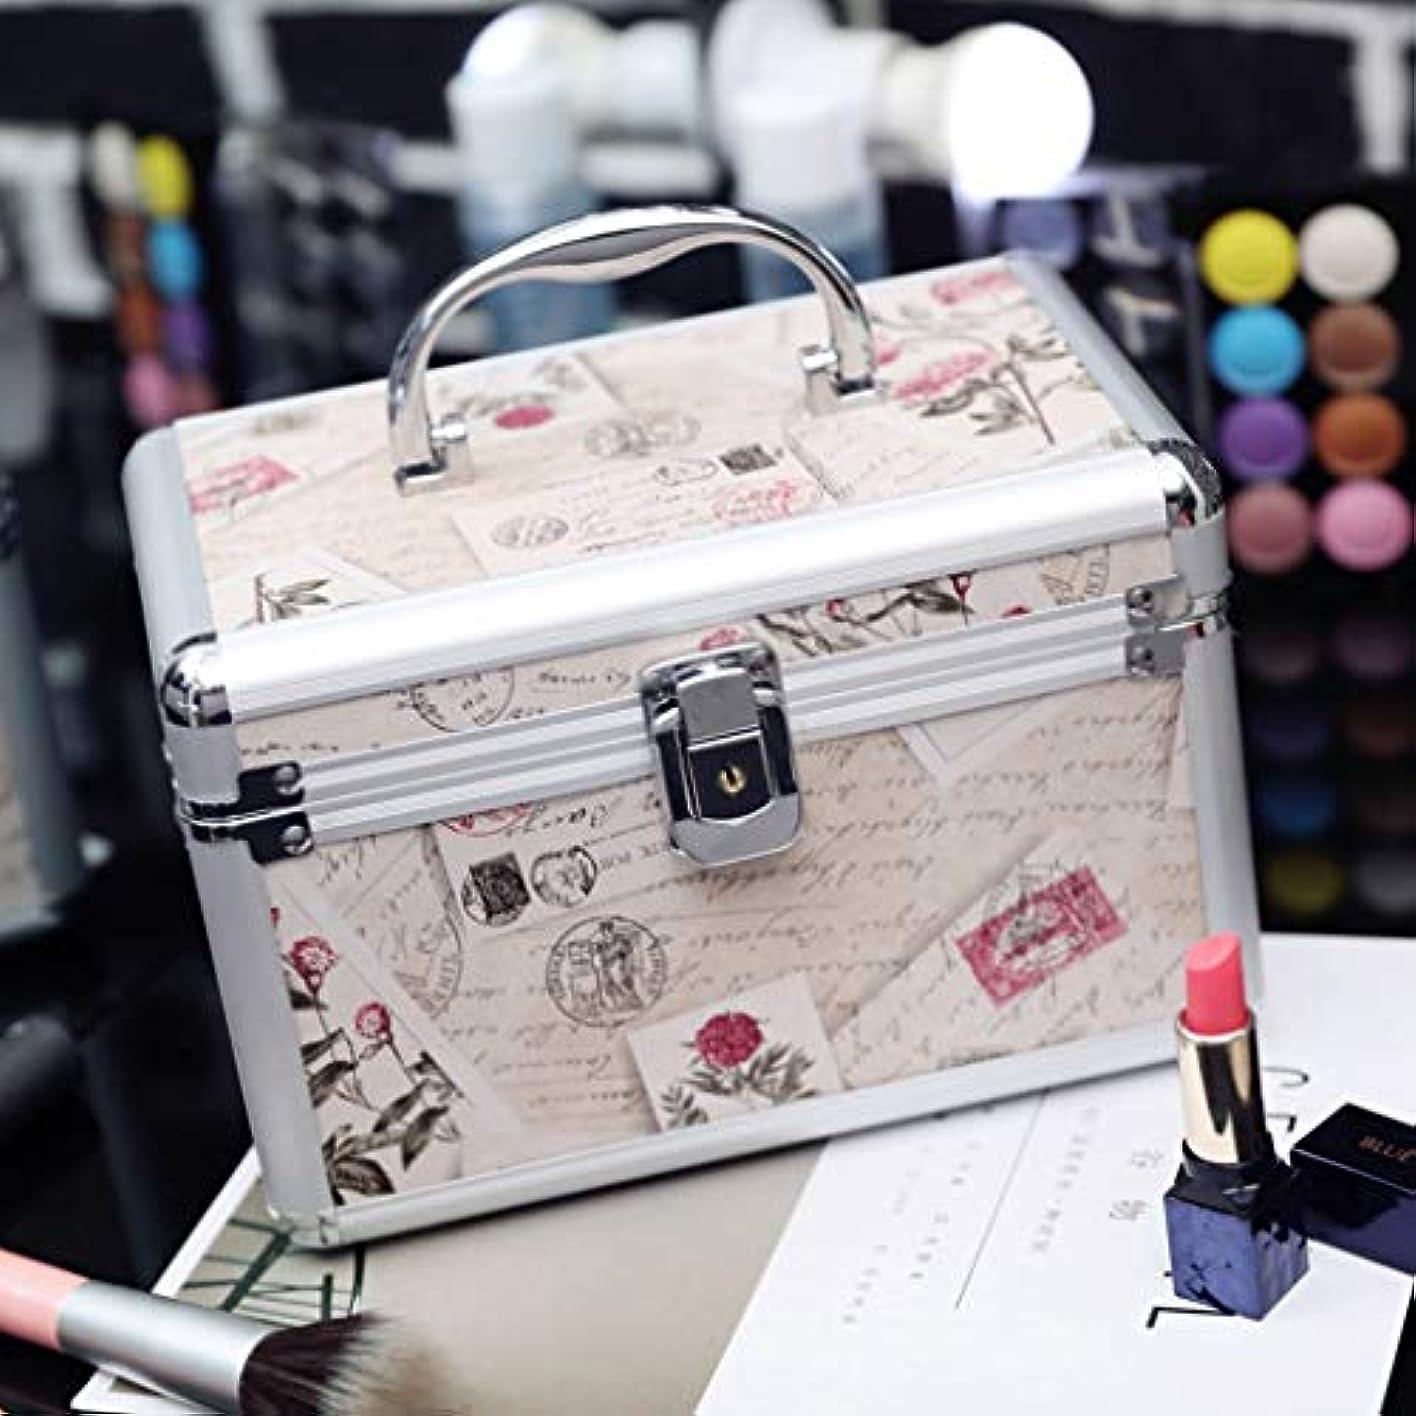 小説スイングバルセロナメイクボックス 化粧箱 收納バッグ 化粧品収納ボックス 鍵付き アルミ製 道具入れ 小物入れ 機能的 大容量 收納抜群 23×15×15CM ベージュ